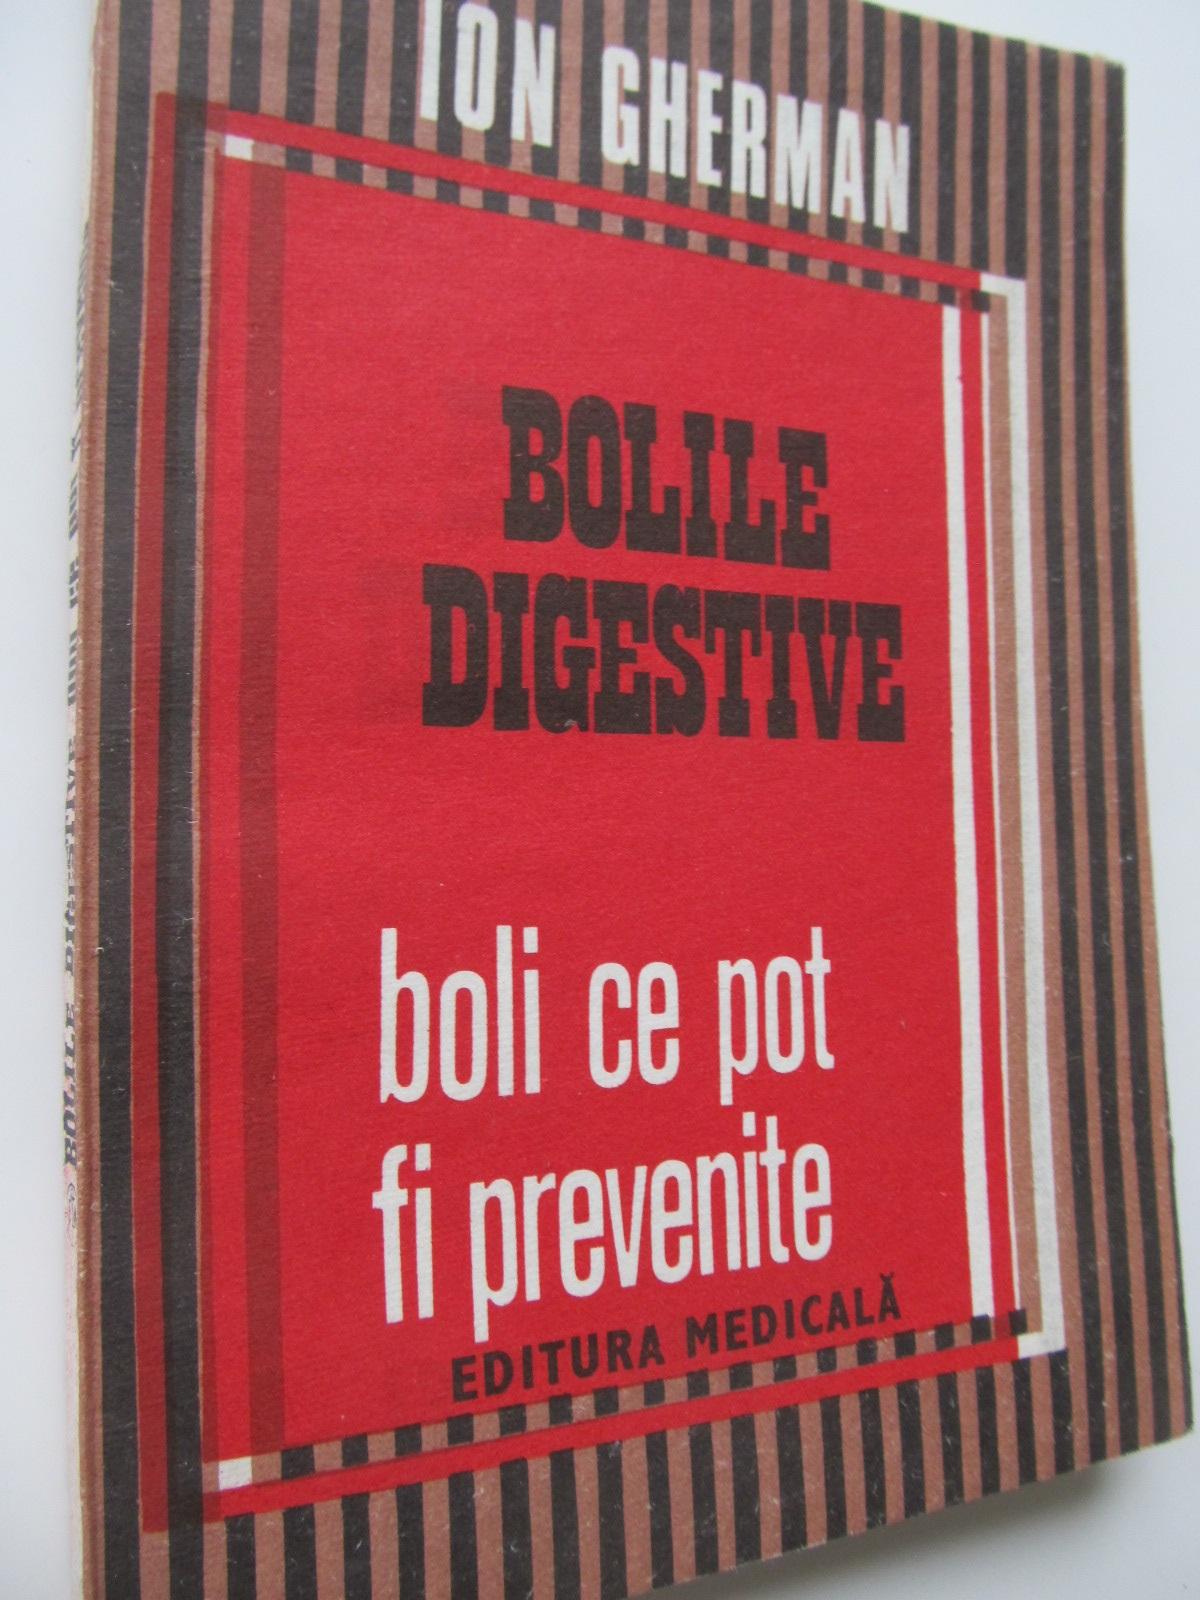 Bolile digestive boli ce pot fi prevenite - Ion Gherman | Detalii carte